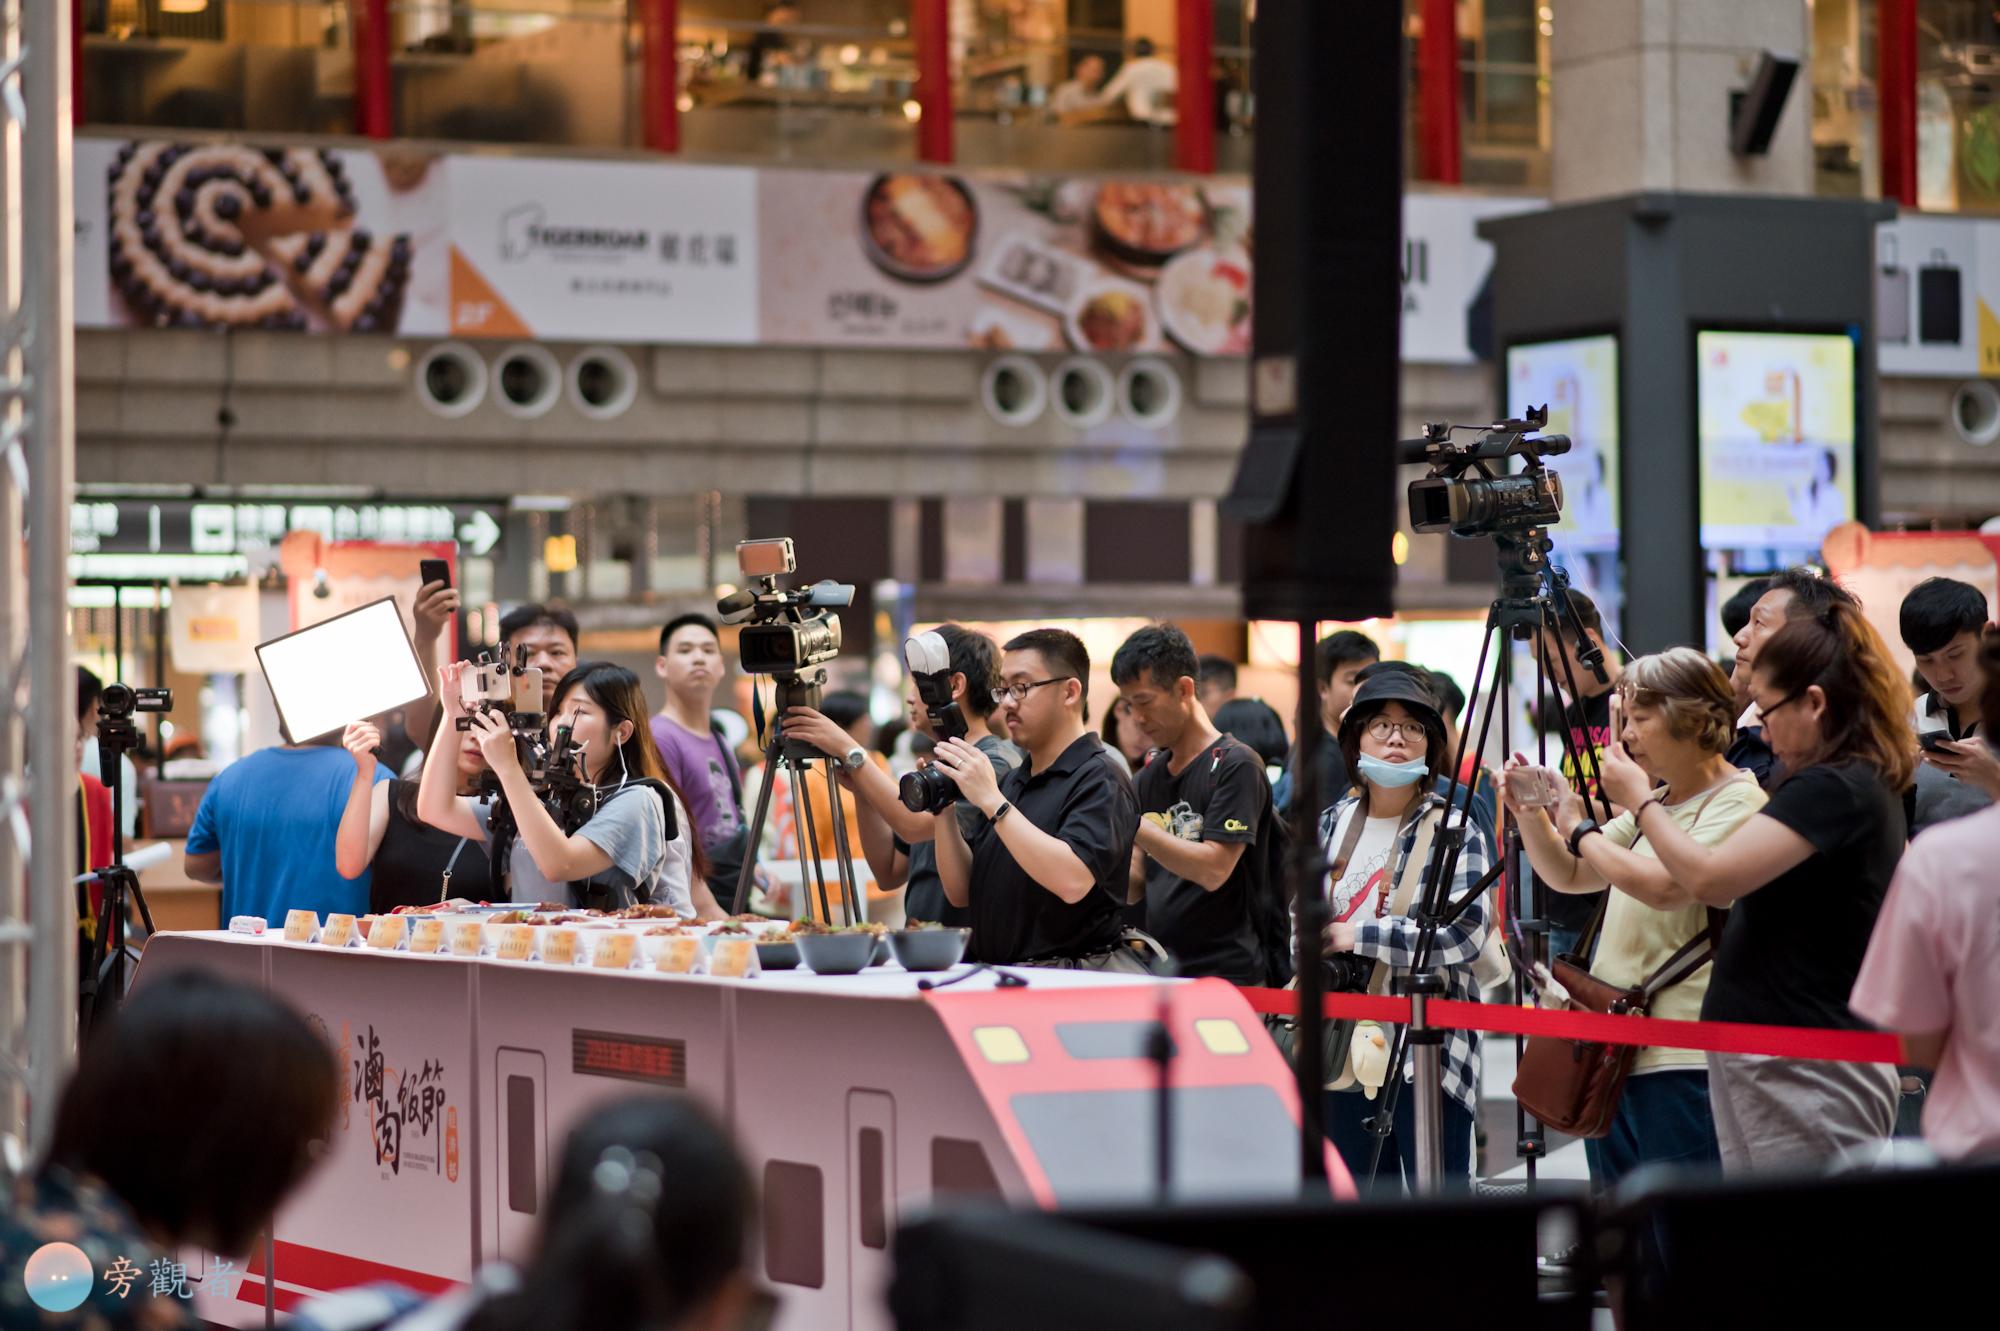 活動現場面對舞台的媒體與拍攝者活動現場面對舞台的媒體與拍攝者